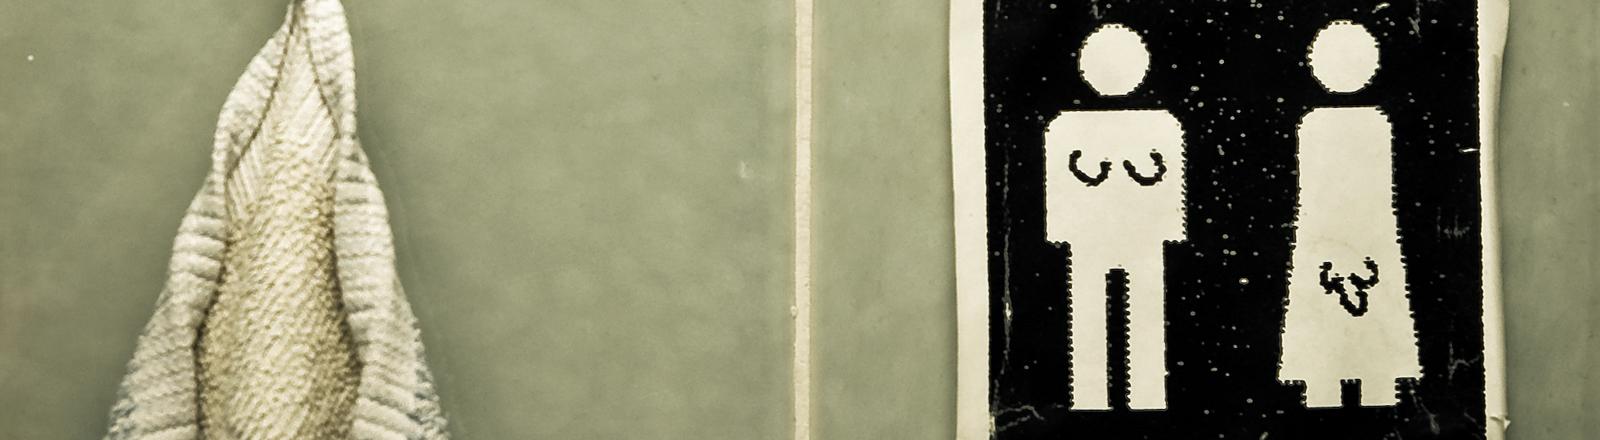 Ein männliches Piktogramm mit weiblichen Geschlechtsmerkmalen und umgekehrt.